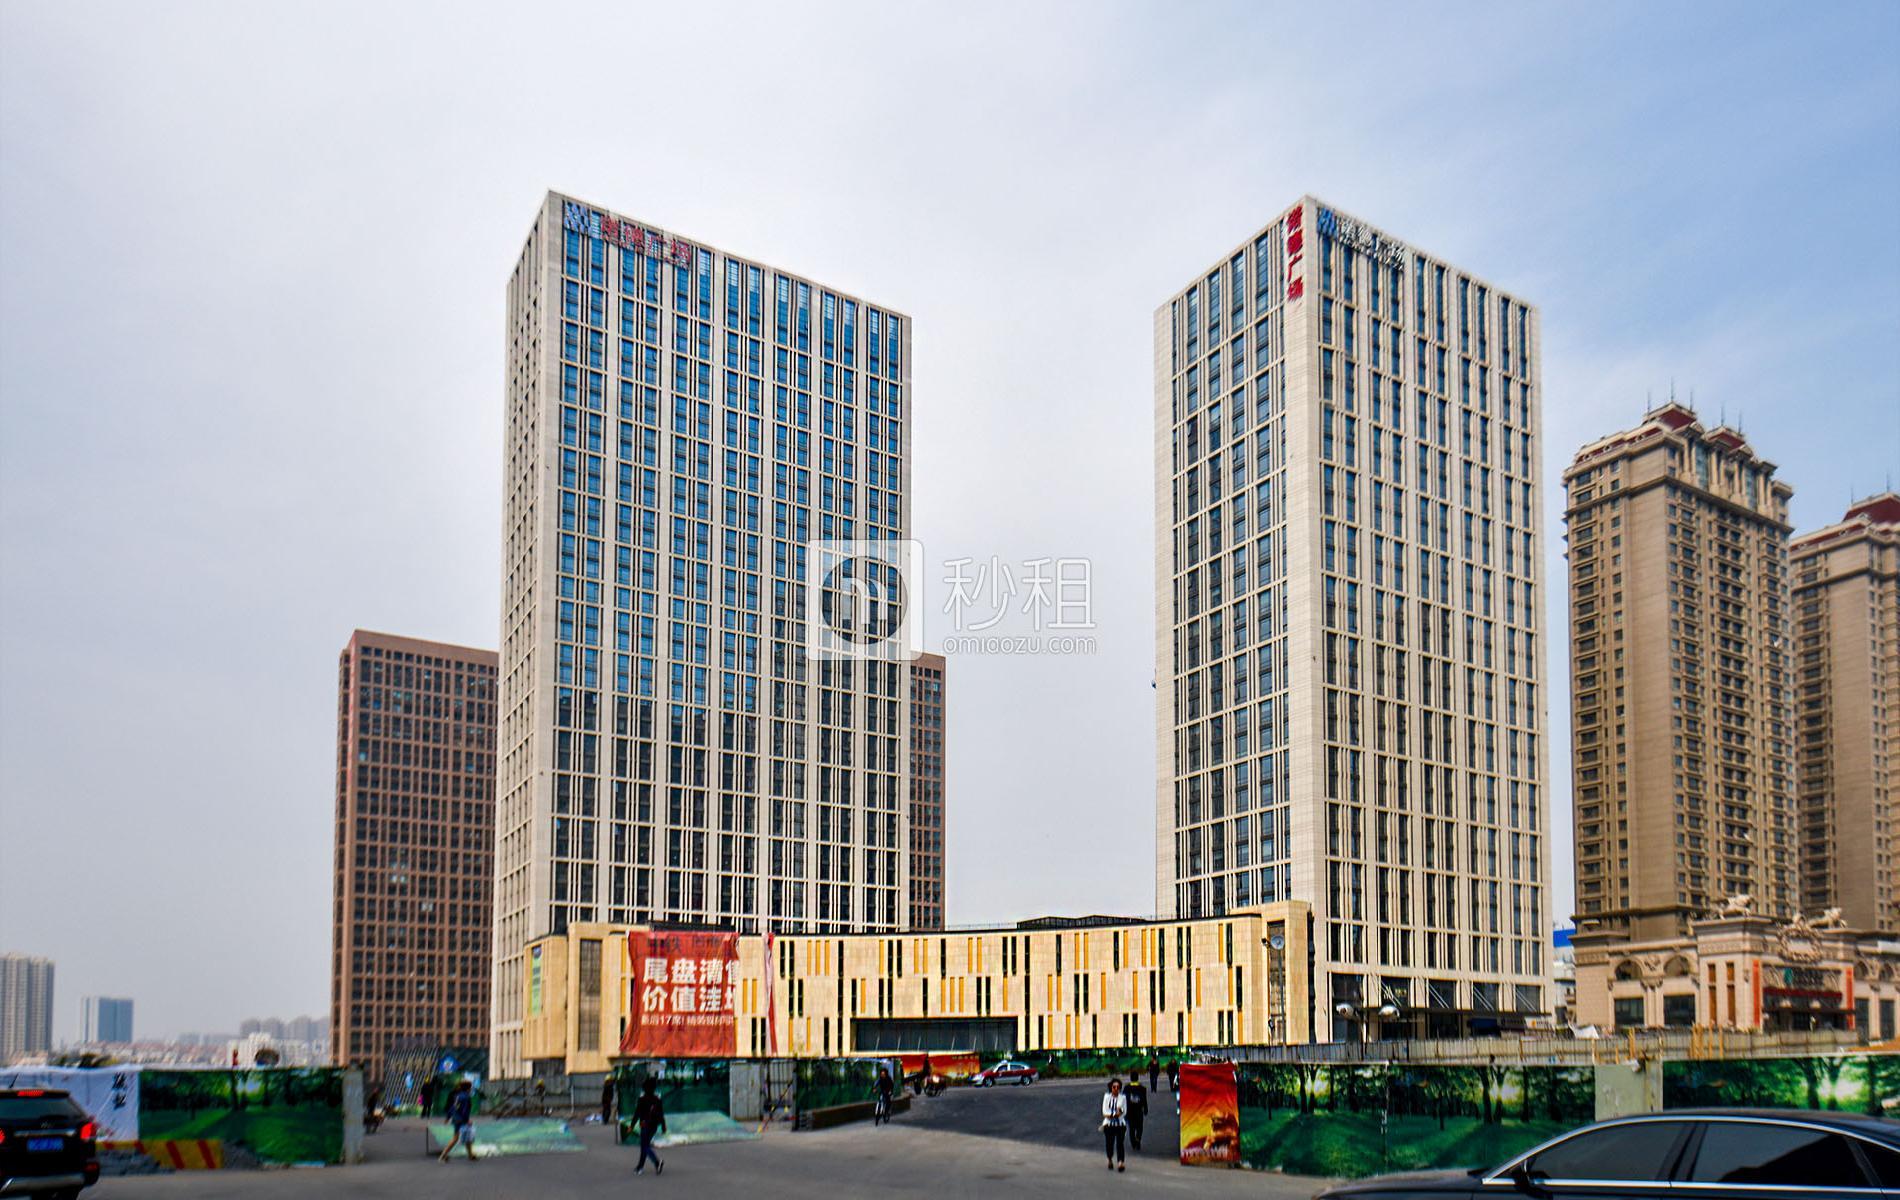 诺德广场写字楼出租/招租/租赁,诺德广场办公室出租/招租/租赁